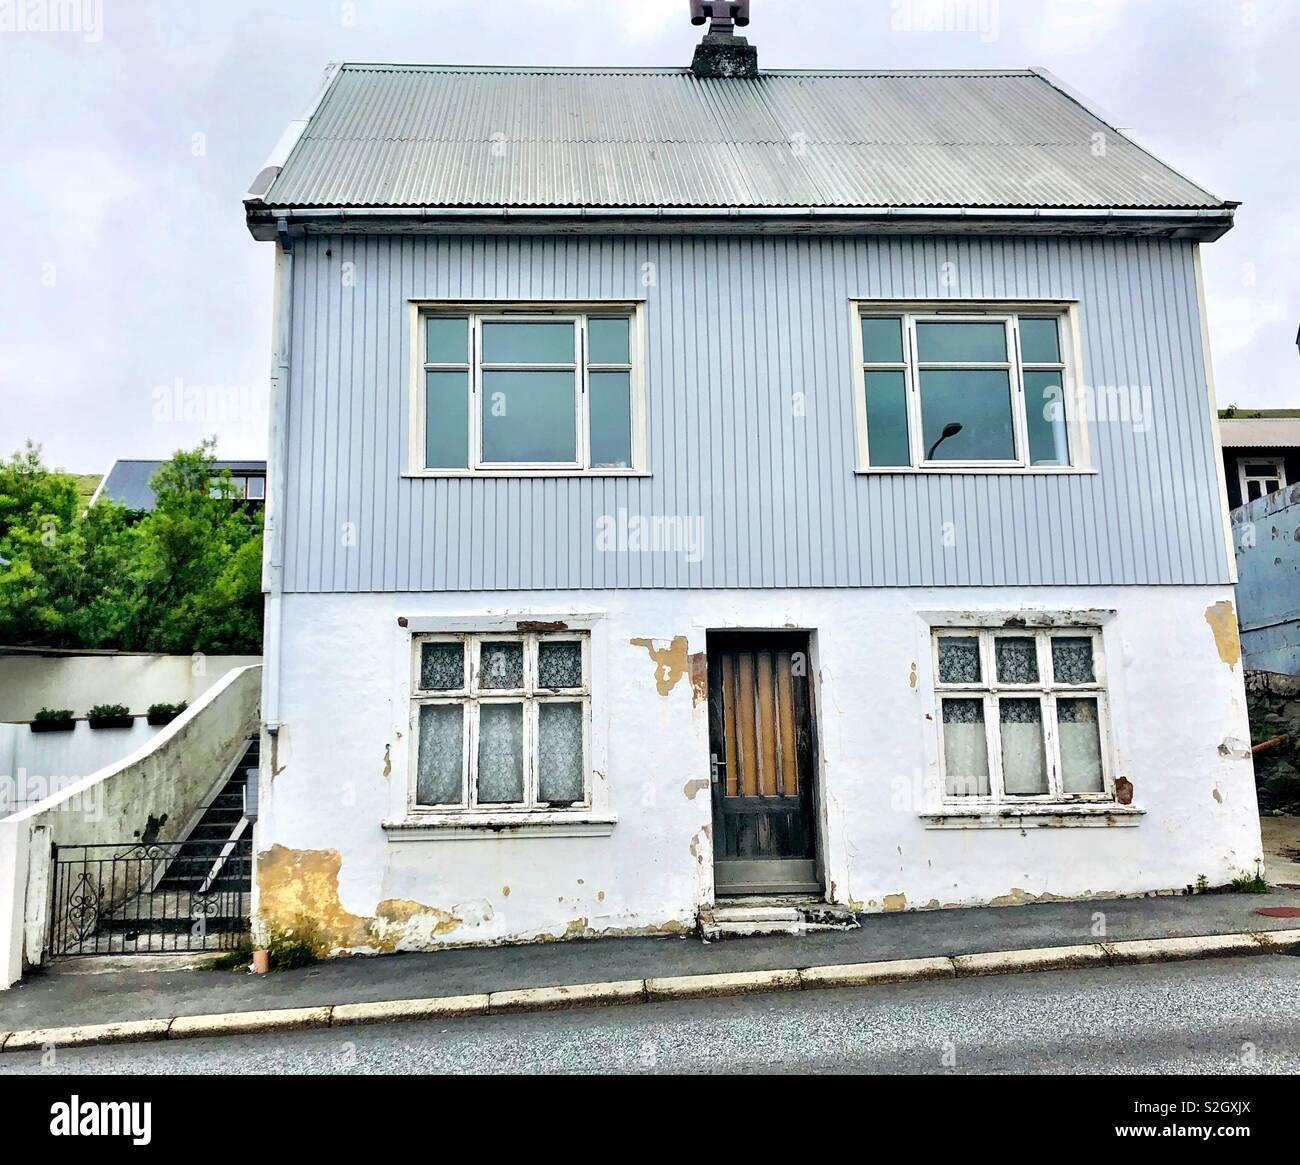 Una casa de color azul pálido con cuatro ventanas en las Islas Feroe. Foto de stock